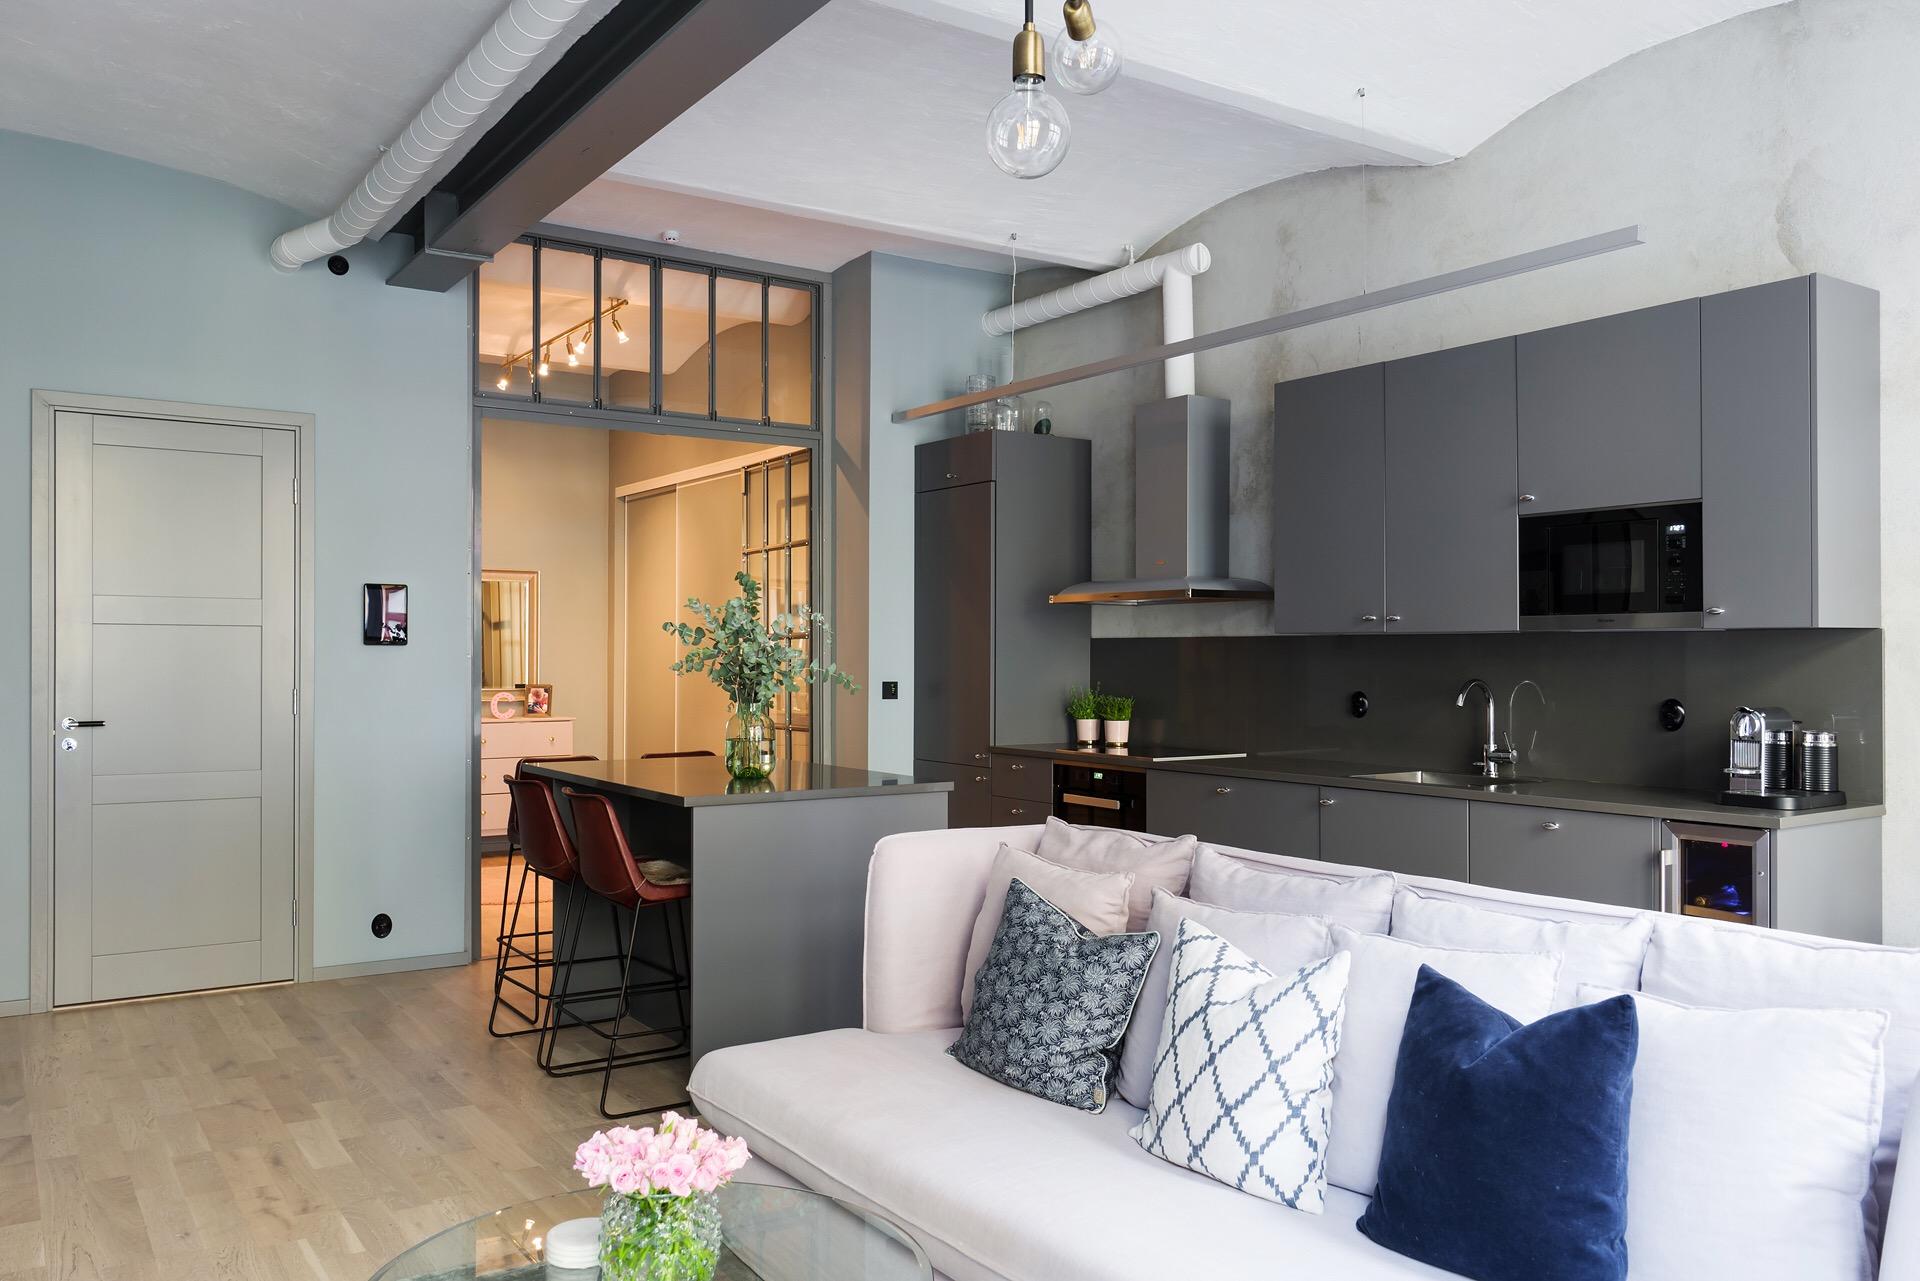 гостиная кухня перегородка стекло диван кухонный остров барные стулья